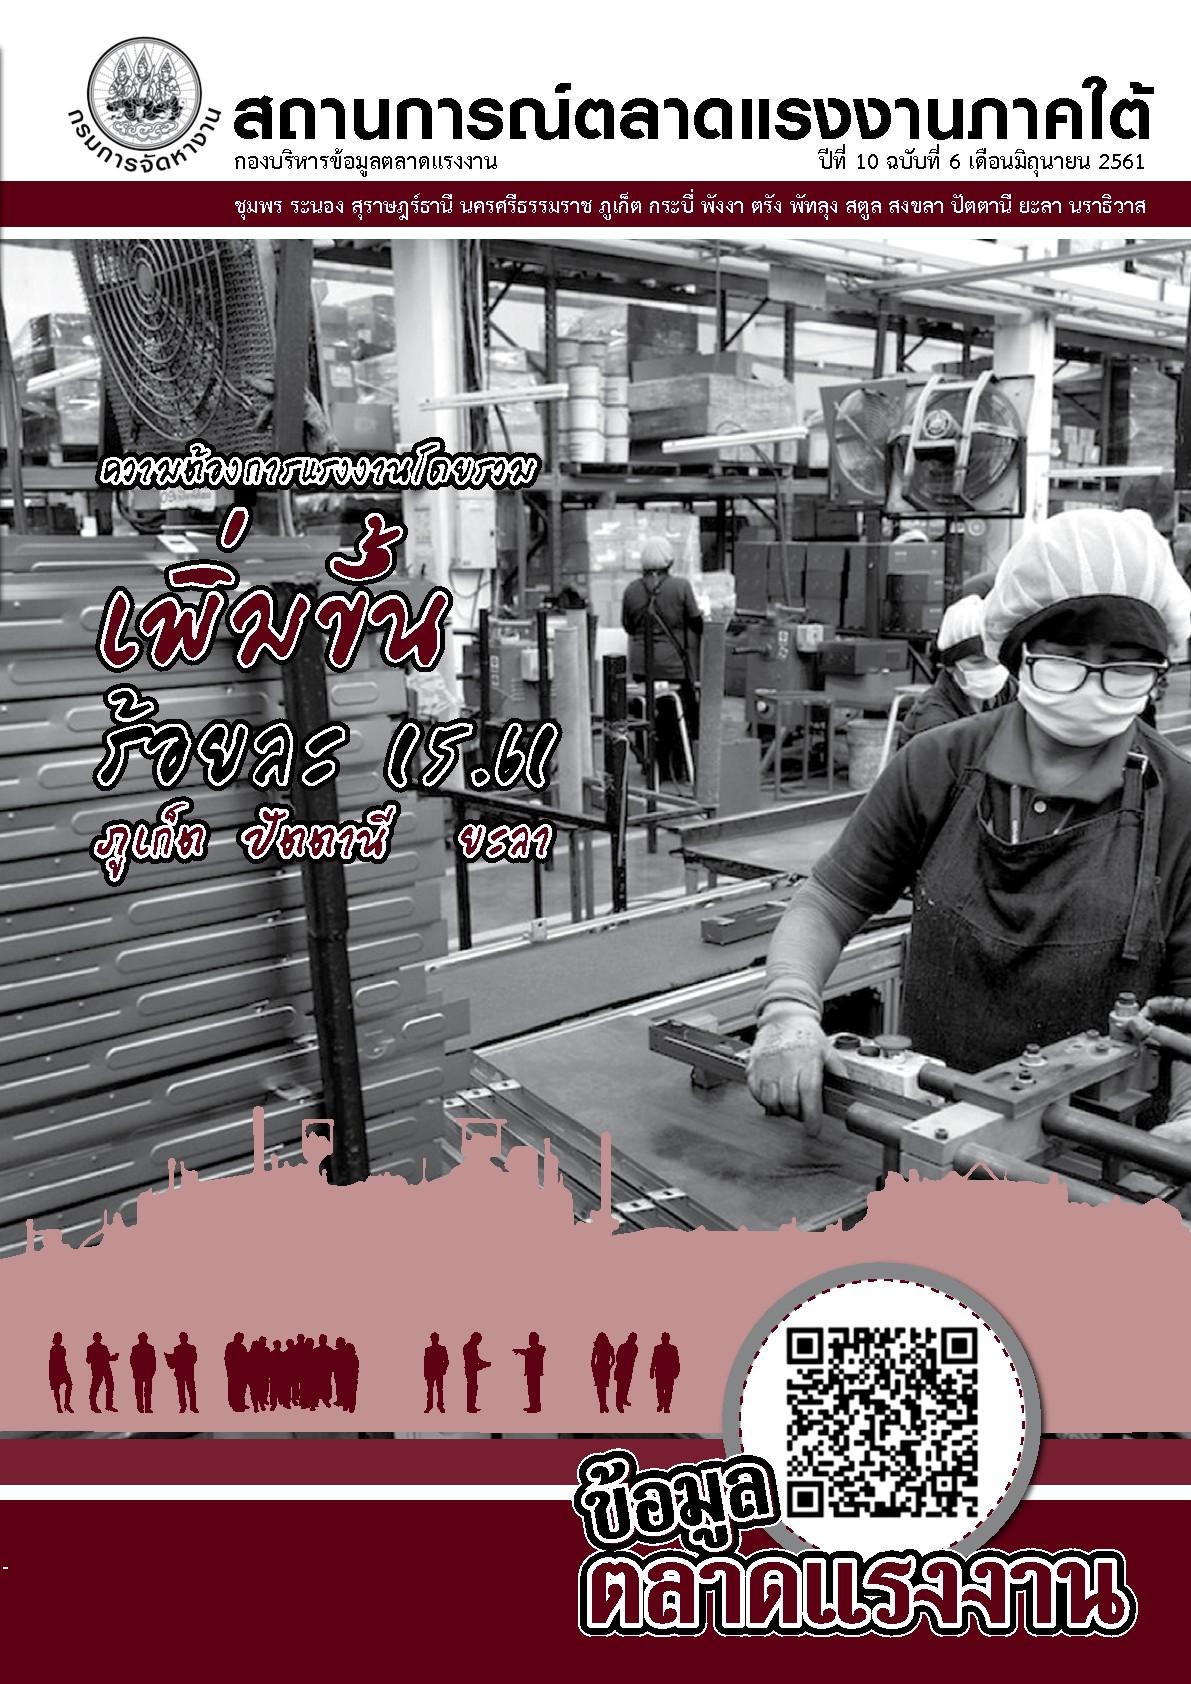 วารสารสถานการณ์ตลาดแรงงานภาคใต้ ปีที่ 10 ฉบับที่ 6 เดือนมิถุนายน 2561